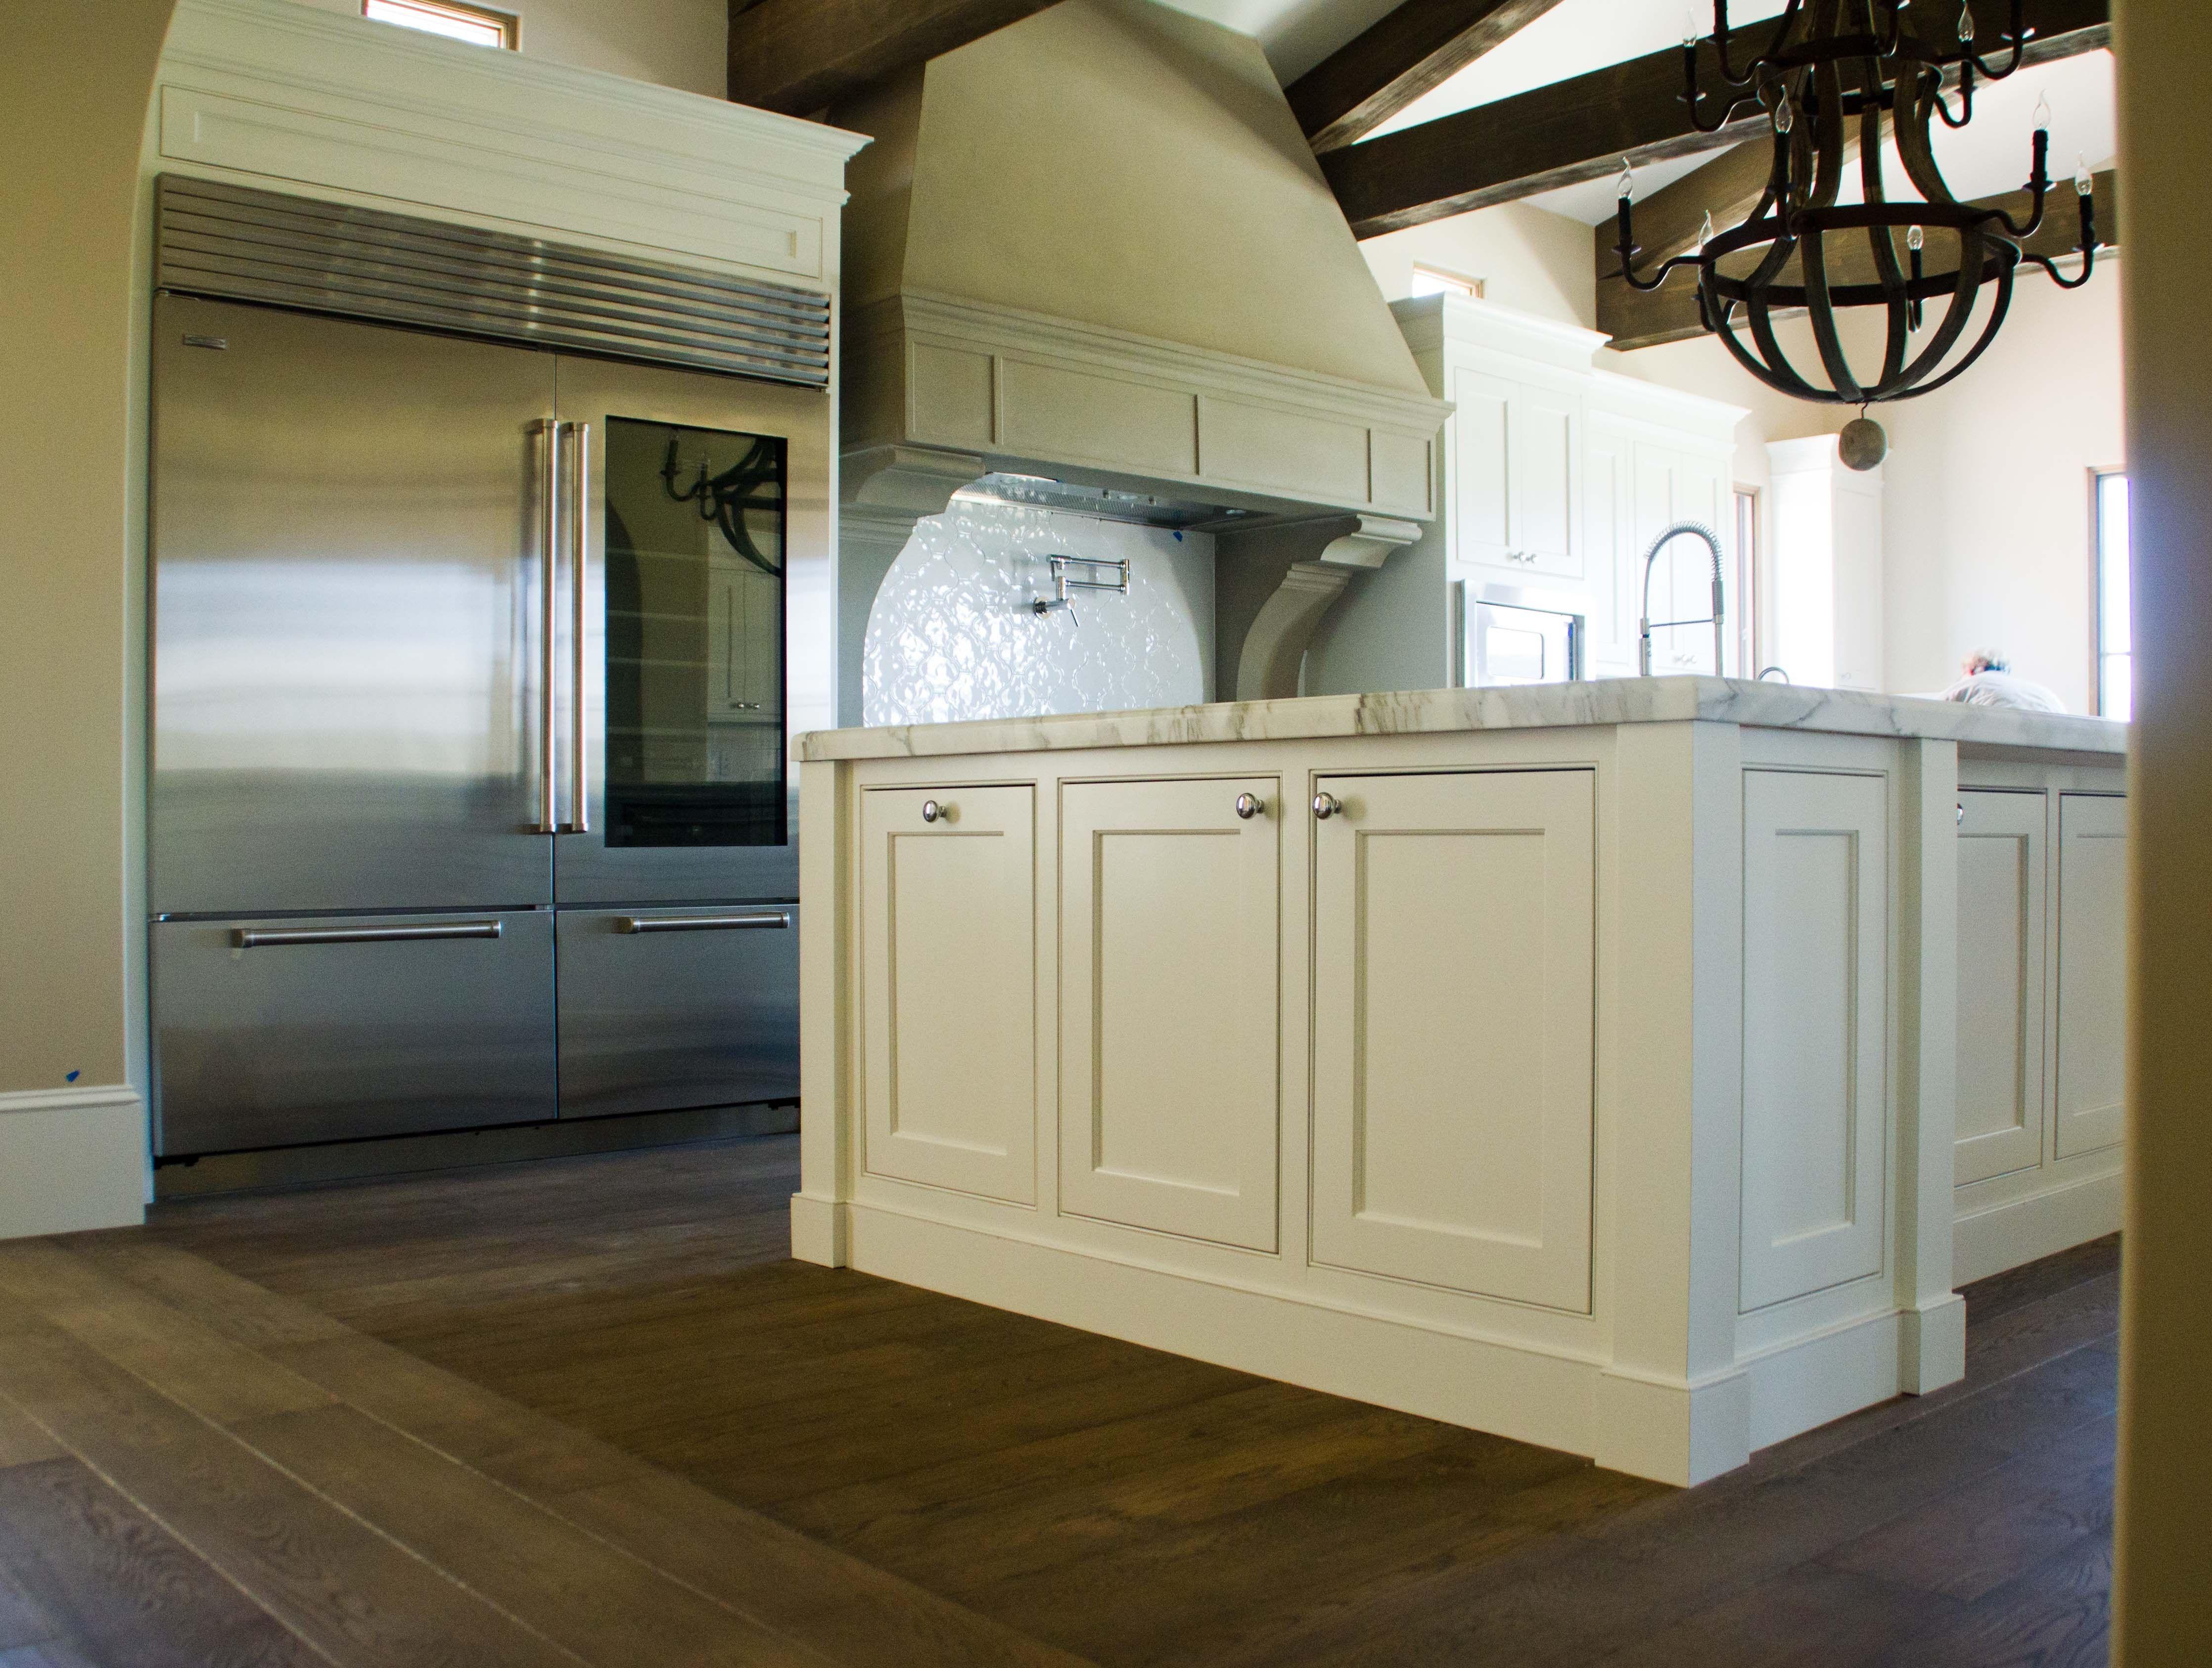 Kitchen Cabinets Without Toe Kick Kitchen Cabinets Toe Kick Luxury Kitchen Cabinets Kitchen Cabinets Without Toe Kick